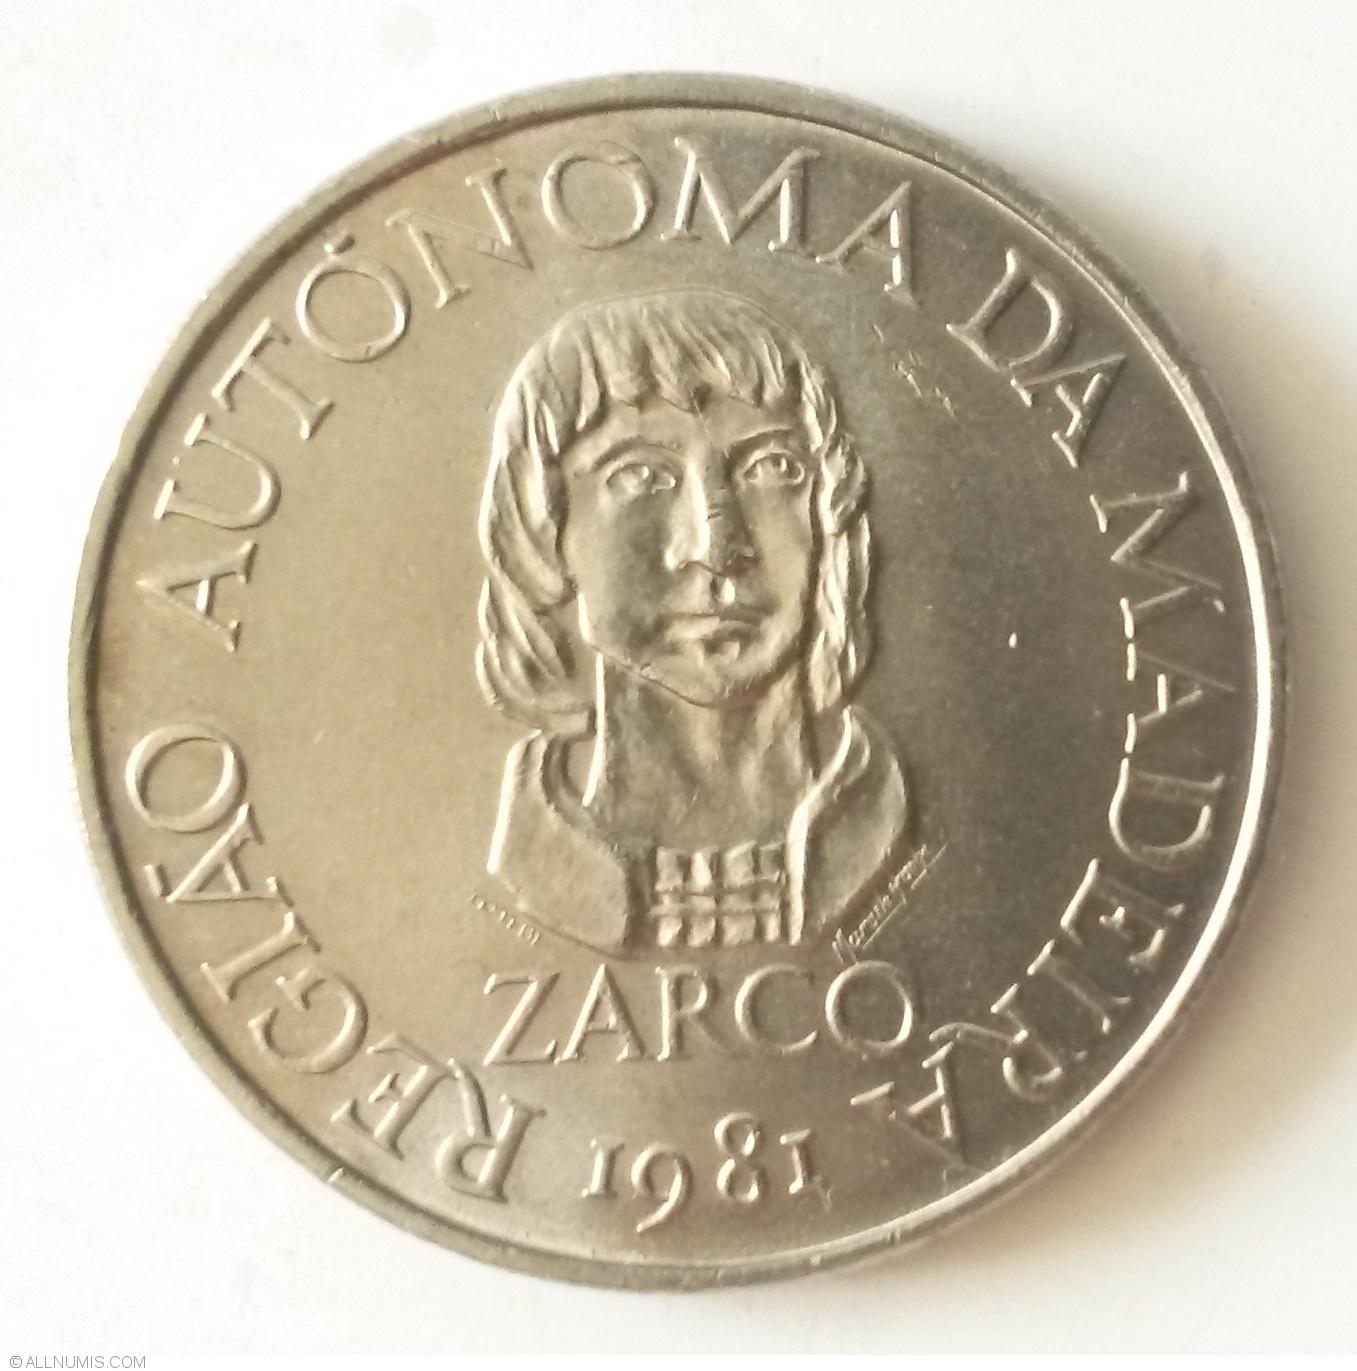 1981 UNC PORTUGAL COIN MADEIRA REGIONAL AUTONOMY 25 $ ESCUDOS